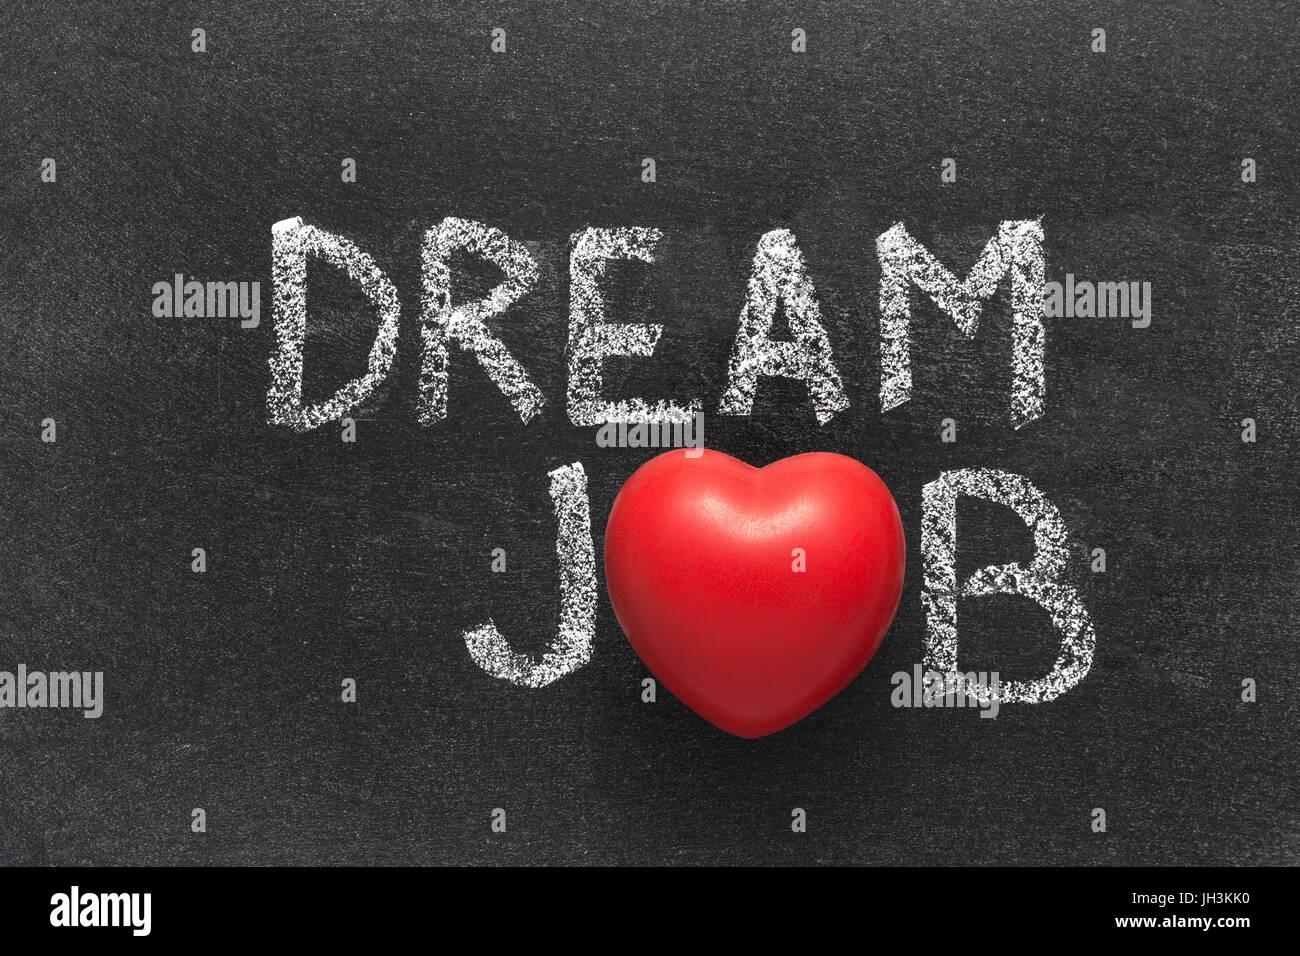 Dream job phrase handwritten on blackboard with heart symbol dream job phrase handwritten on blackboard with heart symbol instead of o biocorpaavc